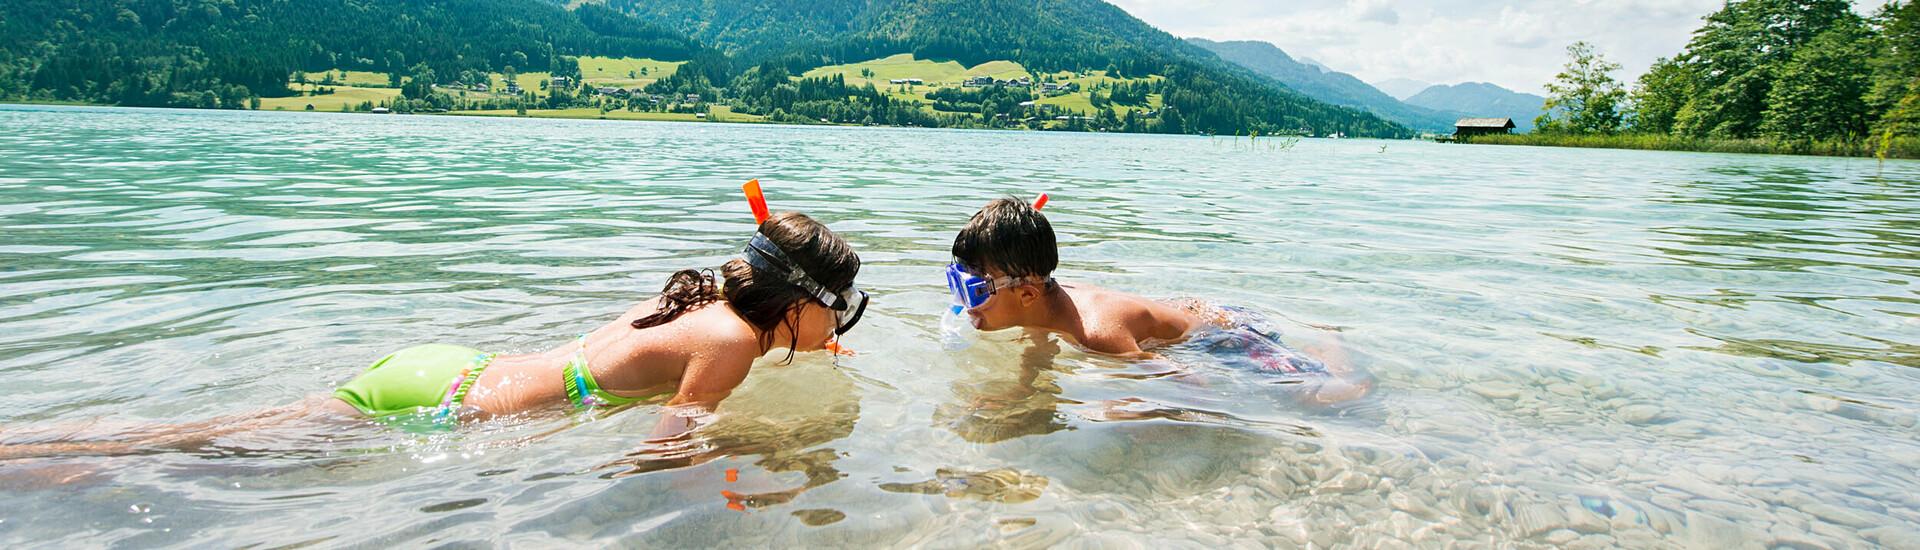 Beim Familienurlaub am Ossiacher See schnorcheln die Kinder im See